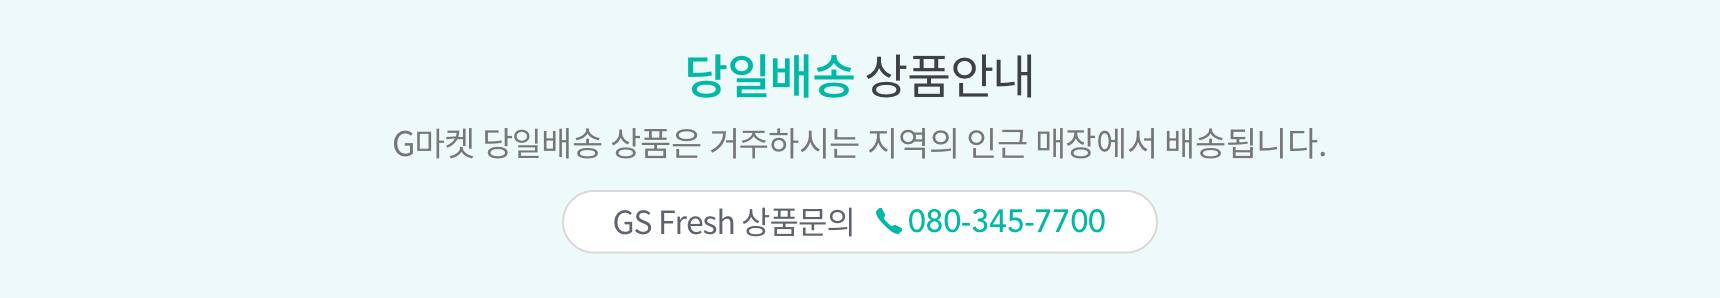 GS Fresh 상품문의 080-345-7700